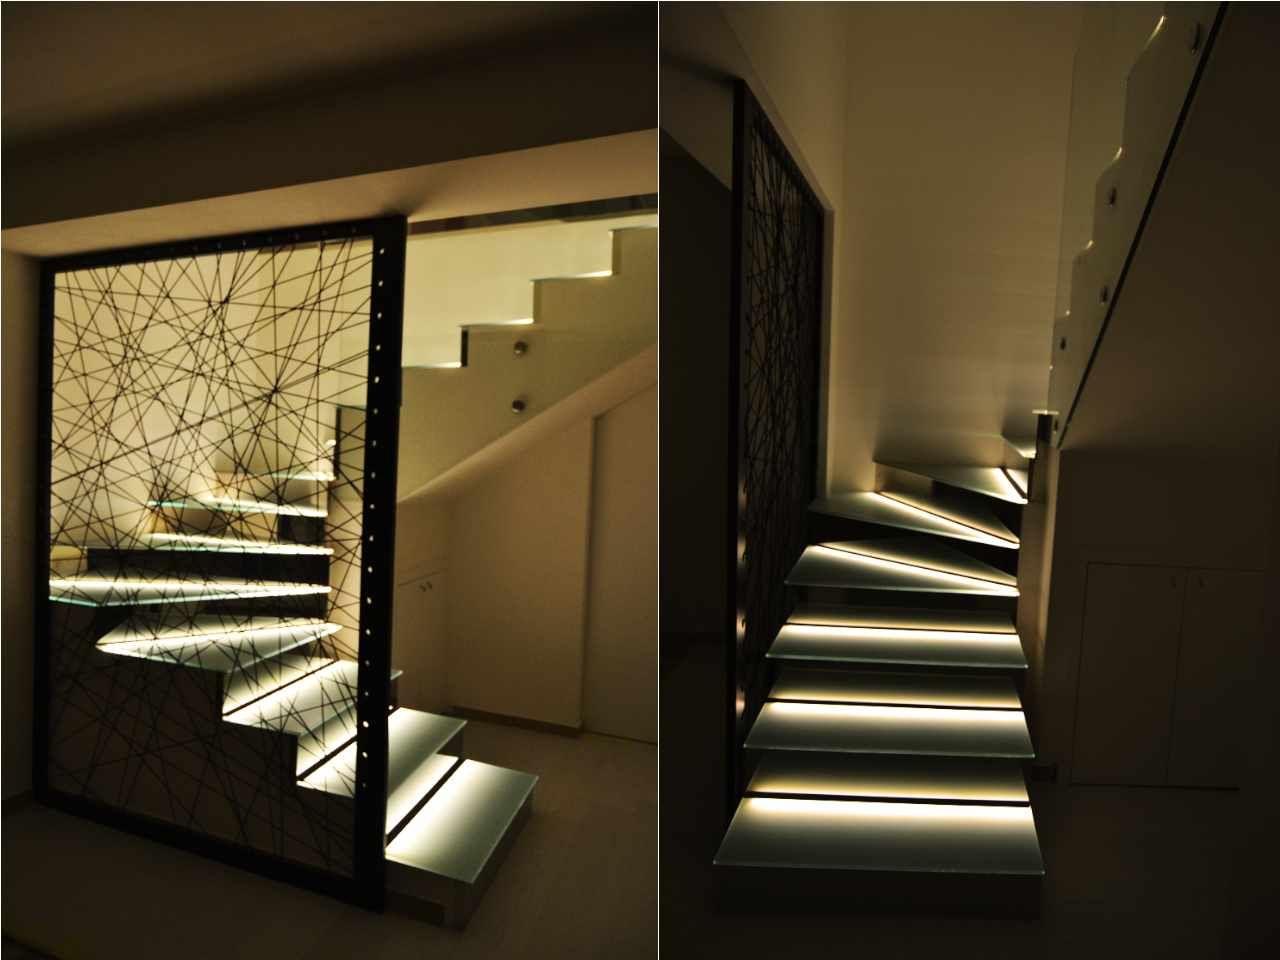 Delle scale illuminate creativamente con strisce led for Segnapasso led per scale interne